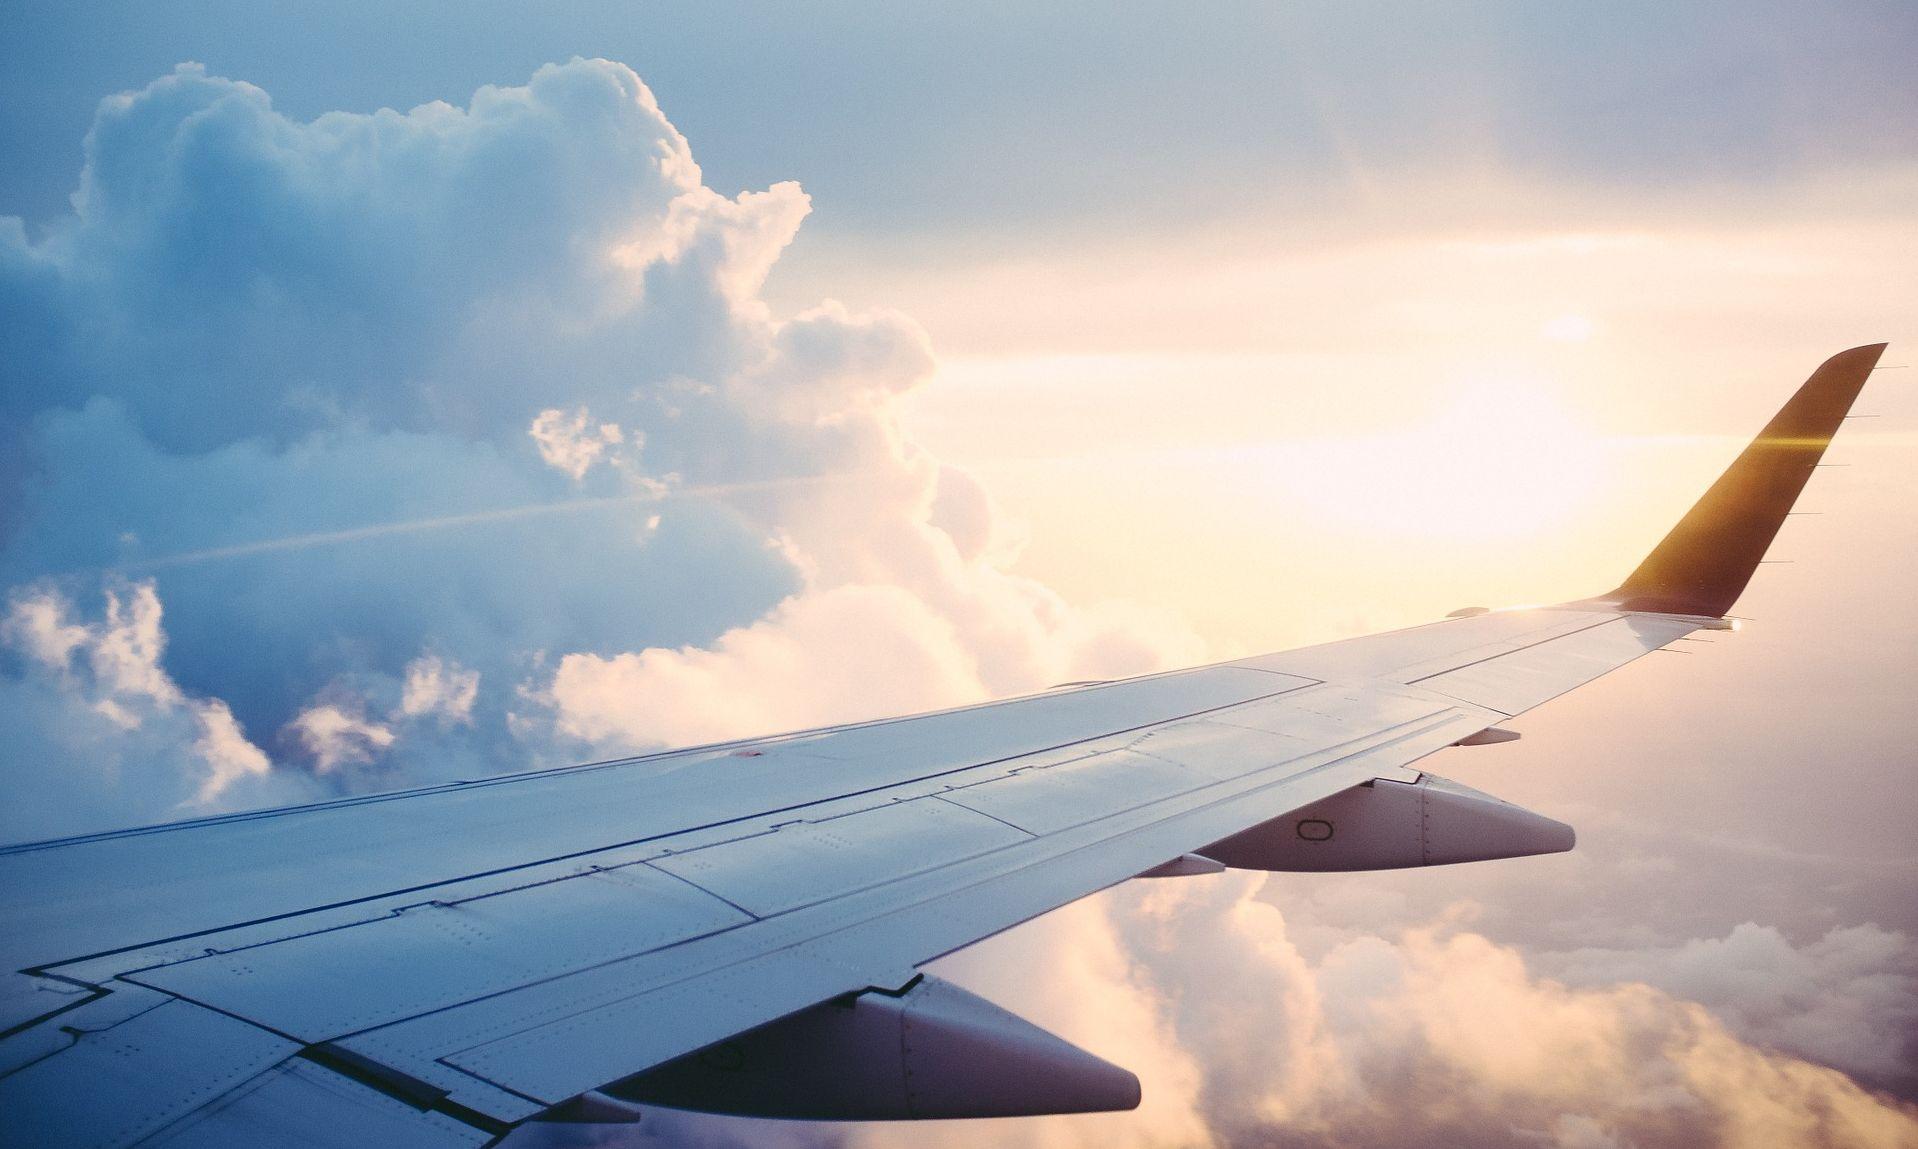 ŠVICARSKA U padu turističkog aviona poginula dvojica dječaka i pilot